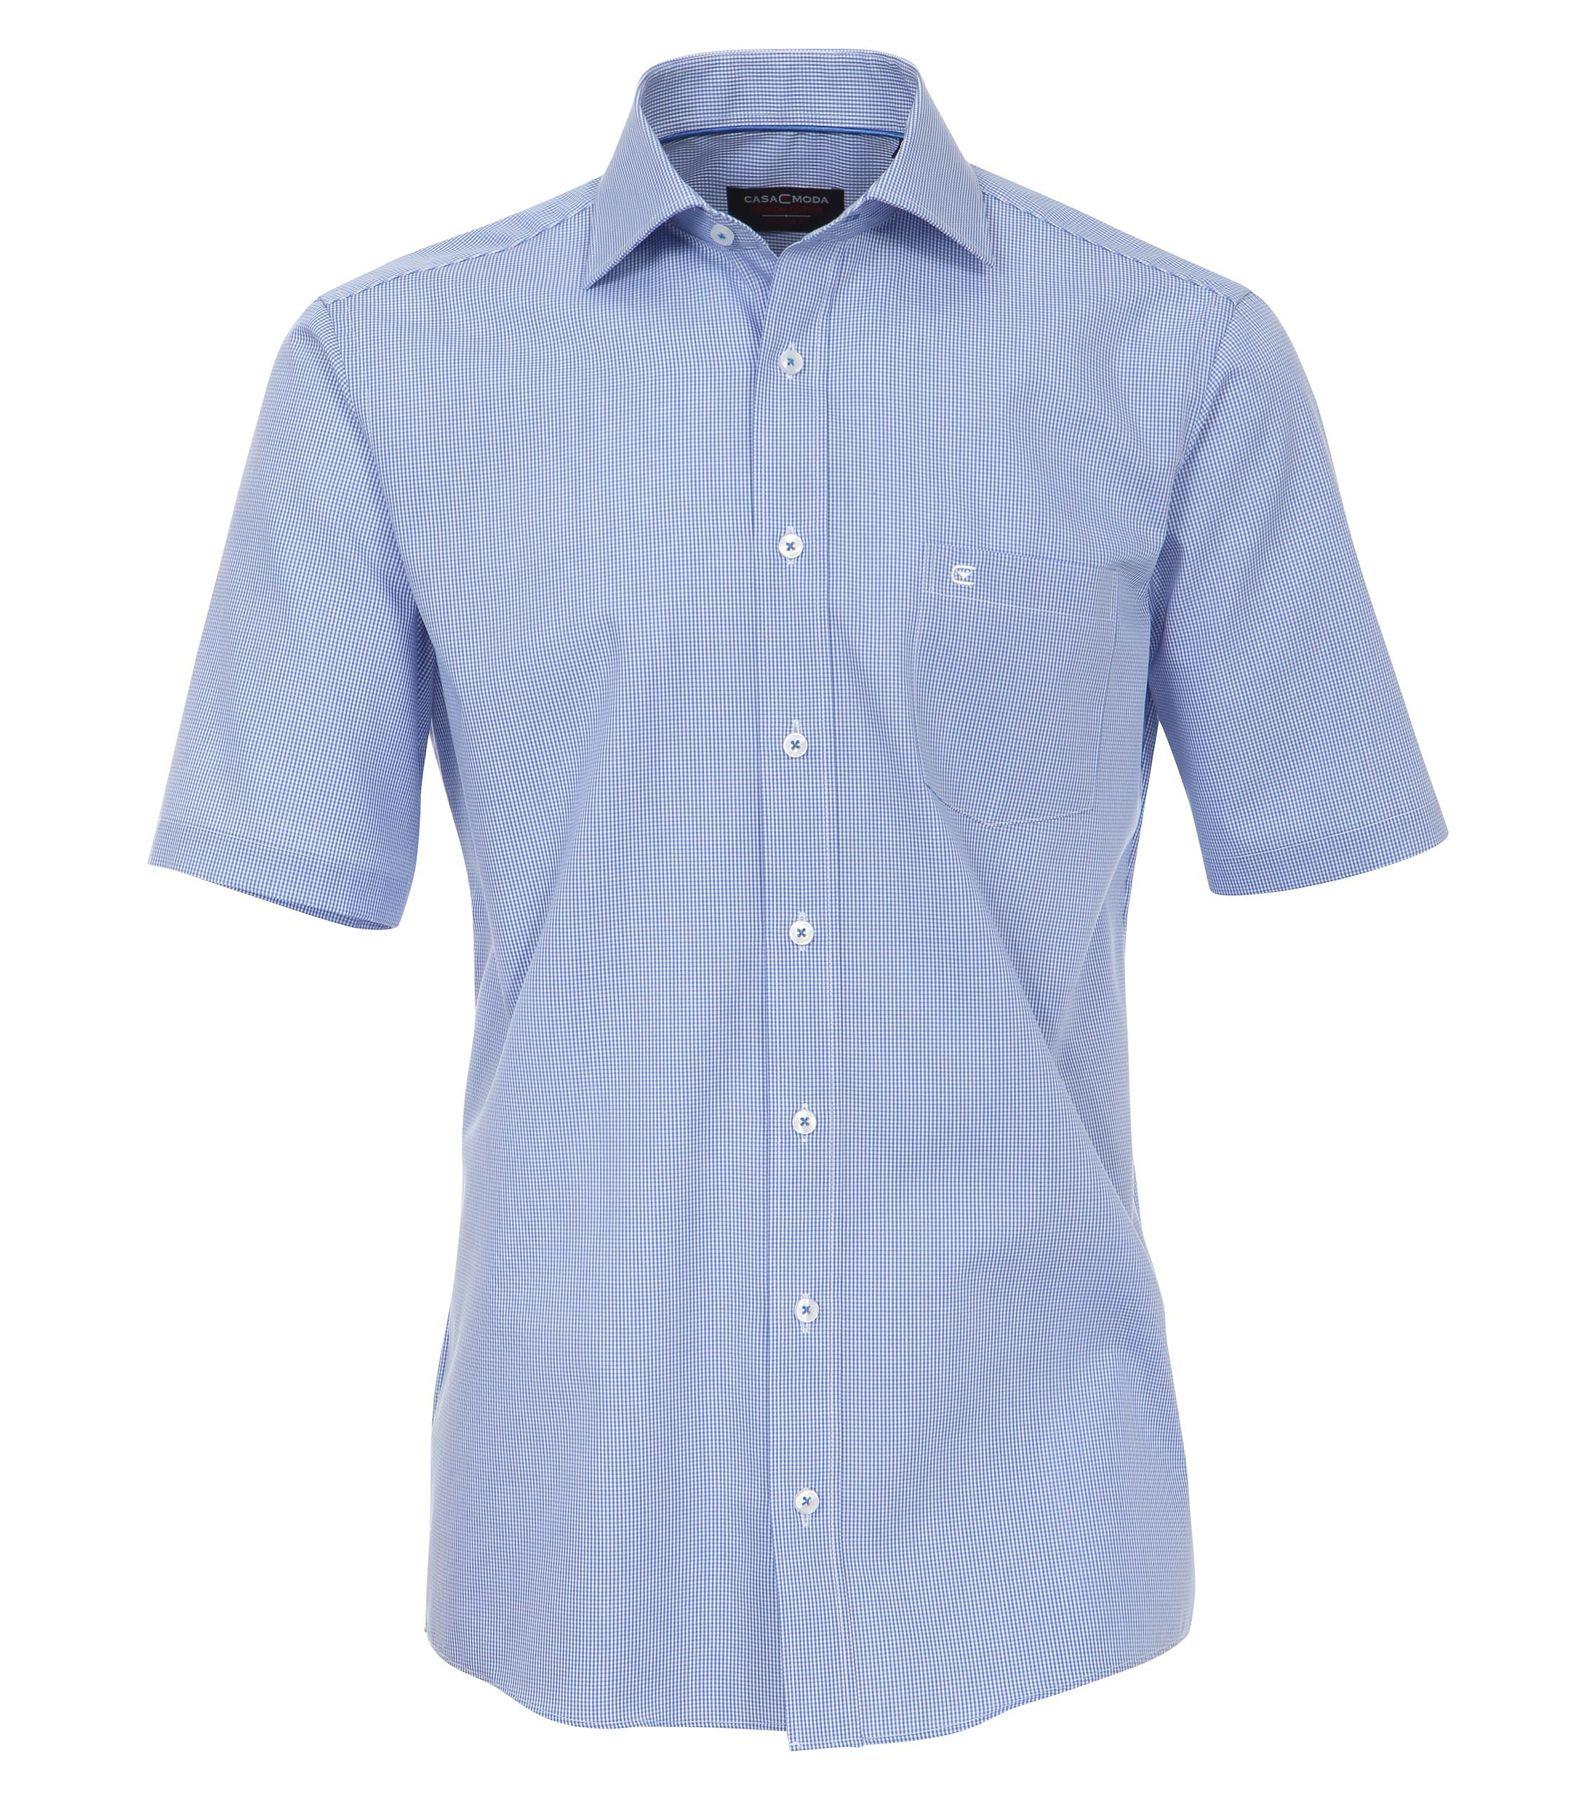 Casa Moda - Comfort Fit - Bügelfreies Herren kurzarm Hemd in verschiedenen Farben, kariert (008260)